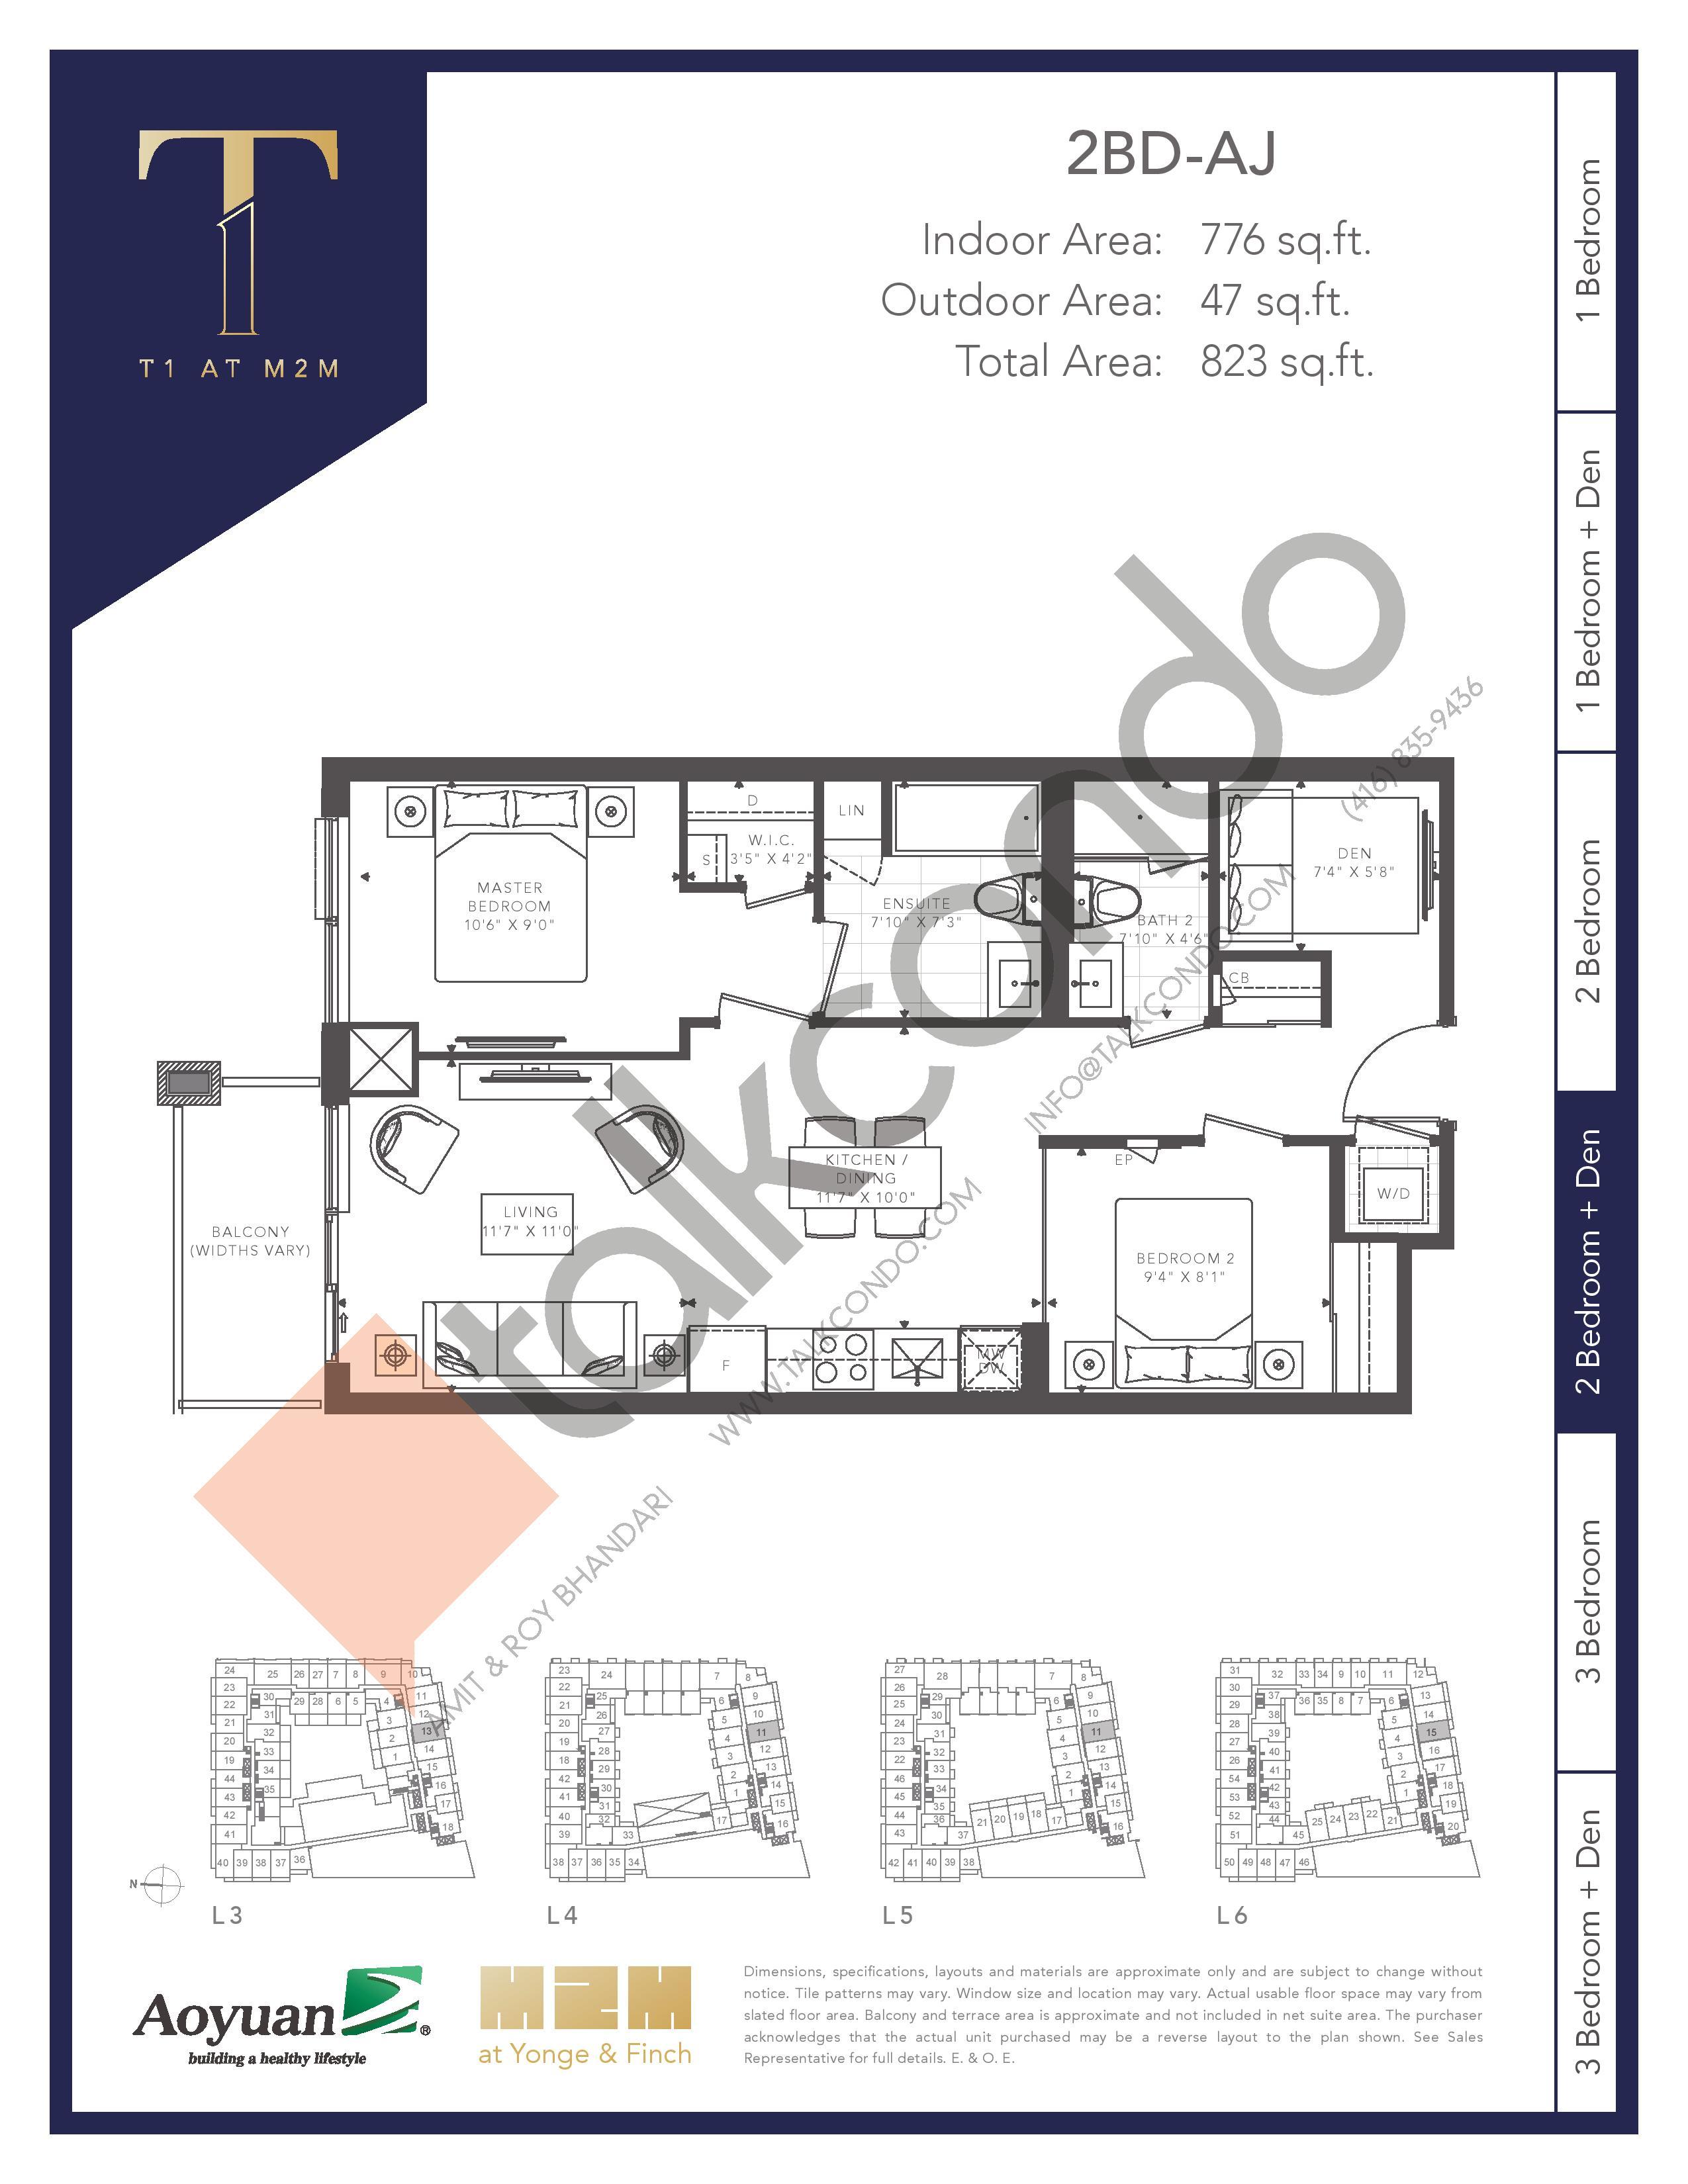 2BD-AJ (Tower) Floor Plan at T1 at M2M Condos - 776 sq.ft